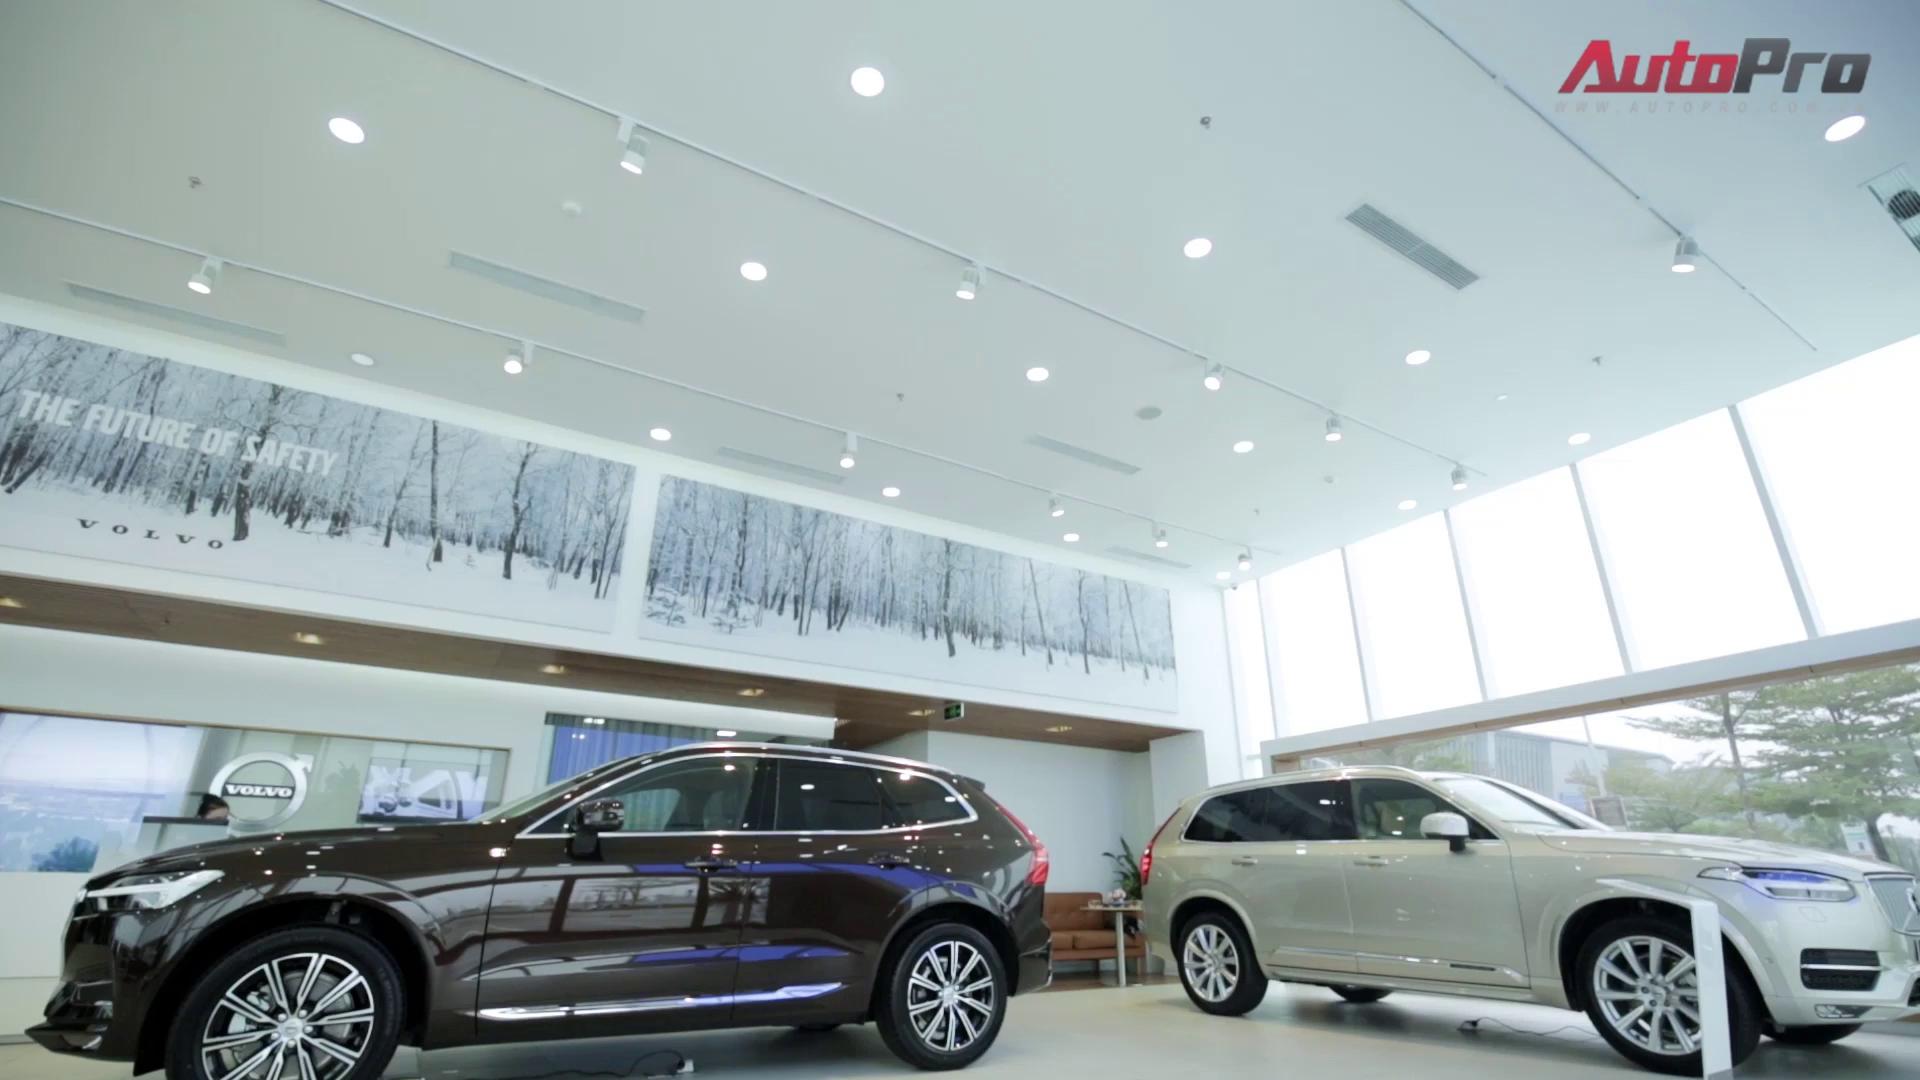 Tiếp nhận BMW và MINI, Trường Hải lên kế hoạch nâng quy mô đại lý gấp 3 lần Euro Auto - ảnh 6